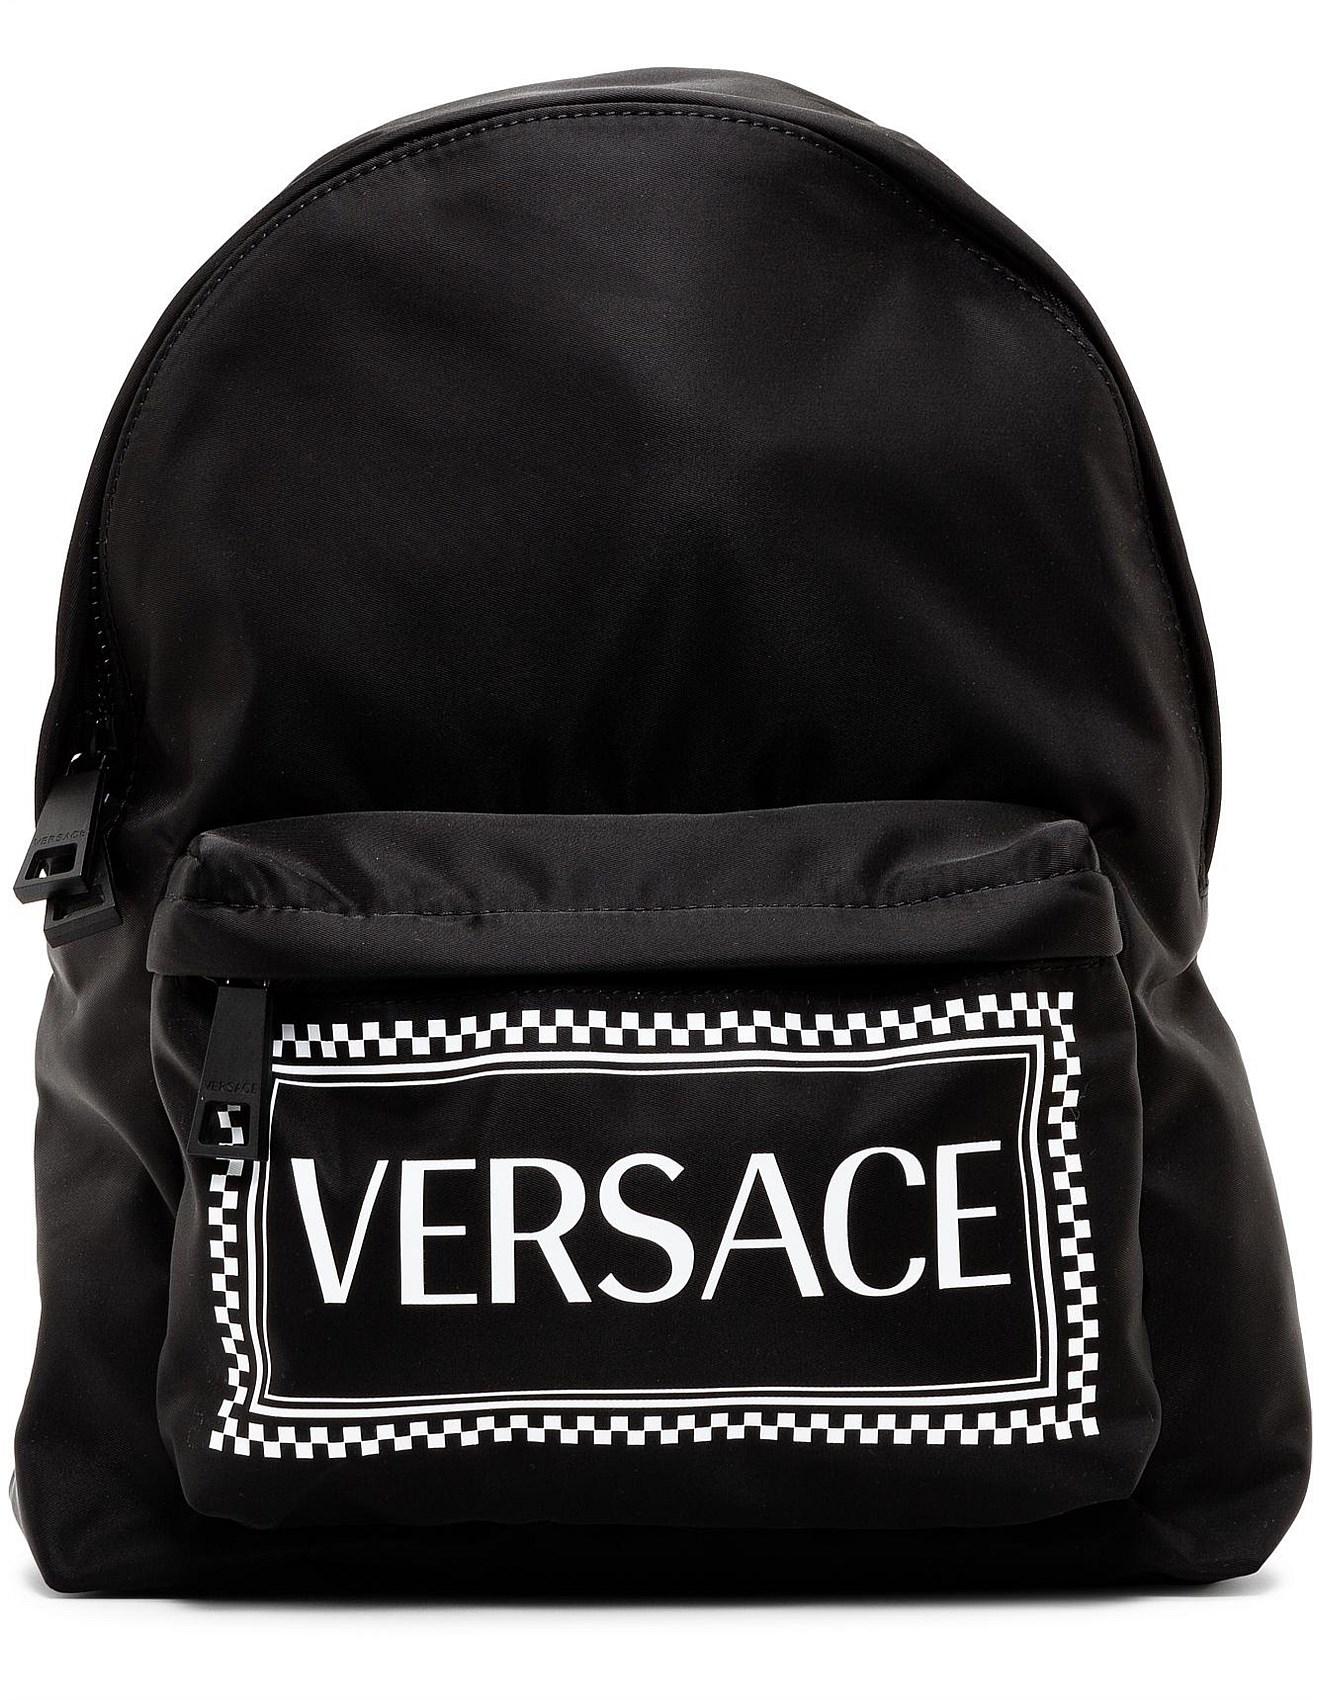 bf550481c9 Designer Handbags For Women | Buy Ladies Bags Online | David Jones ...